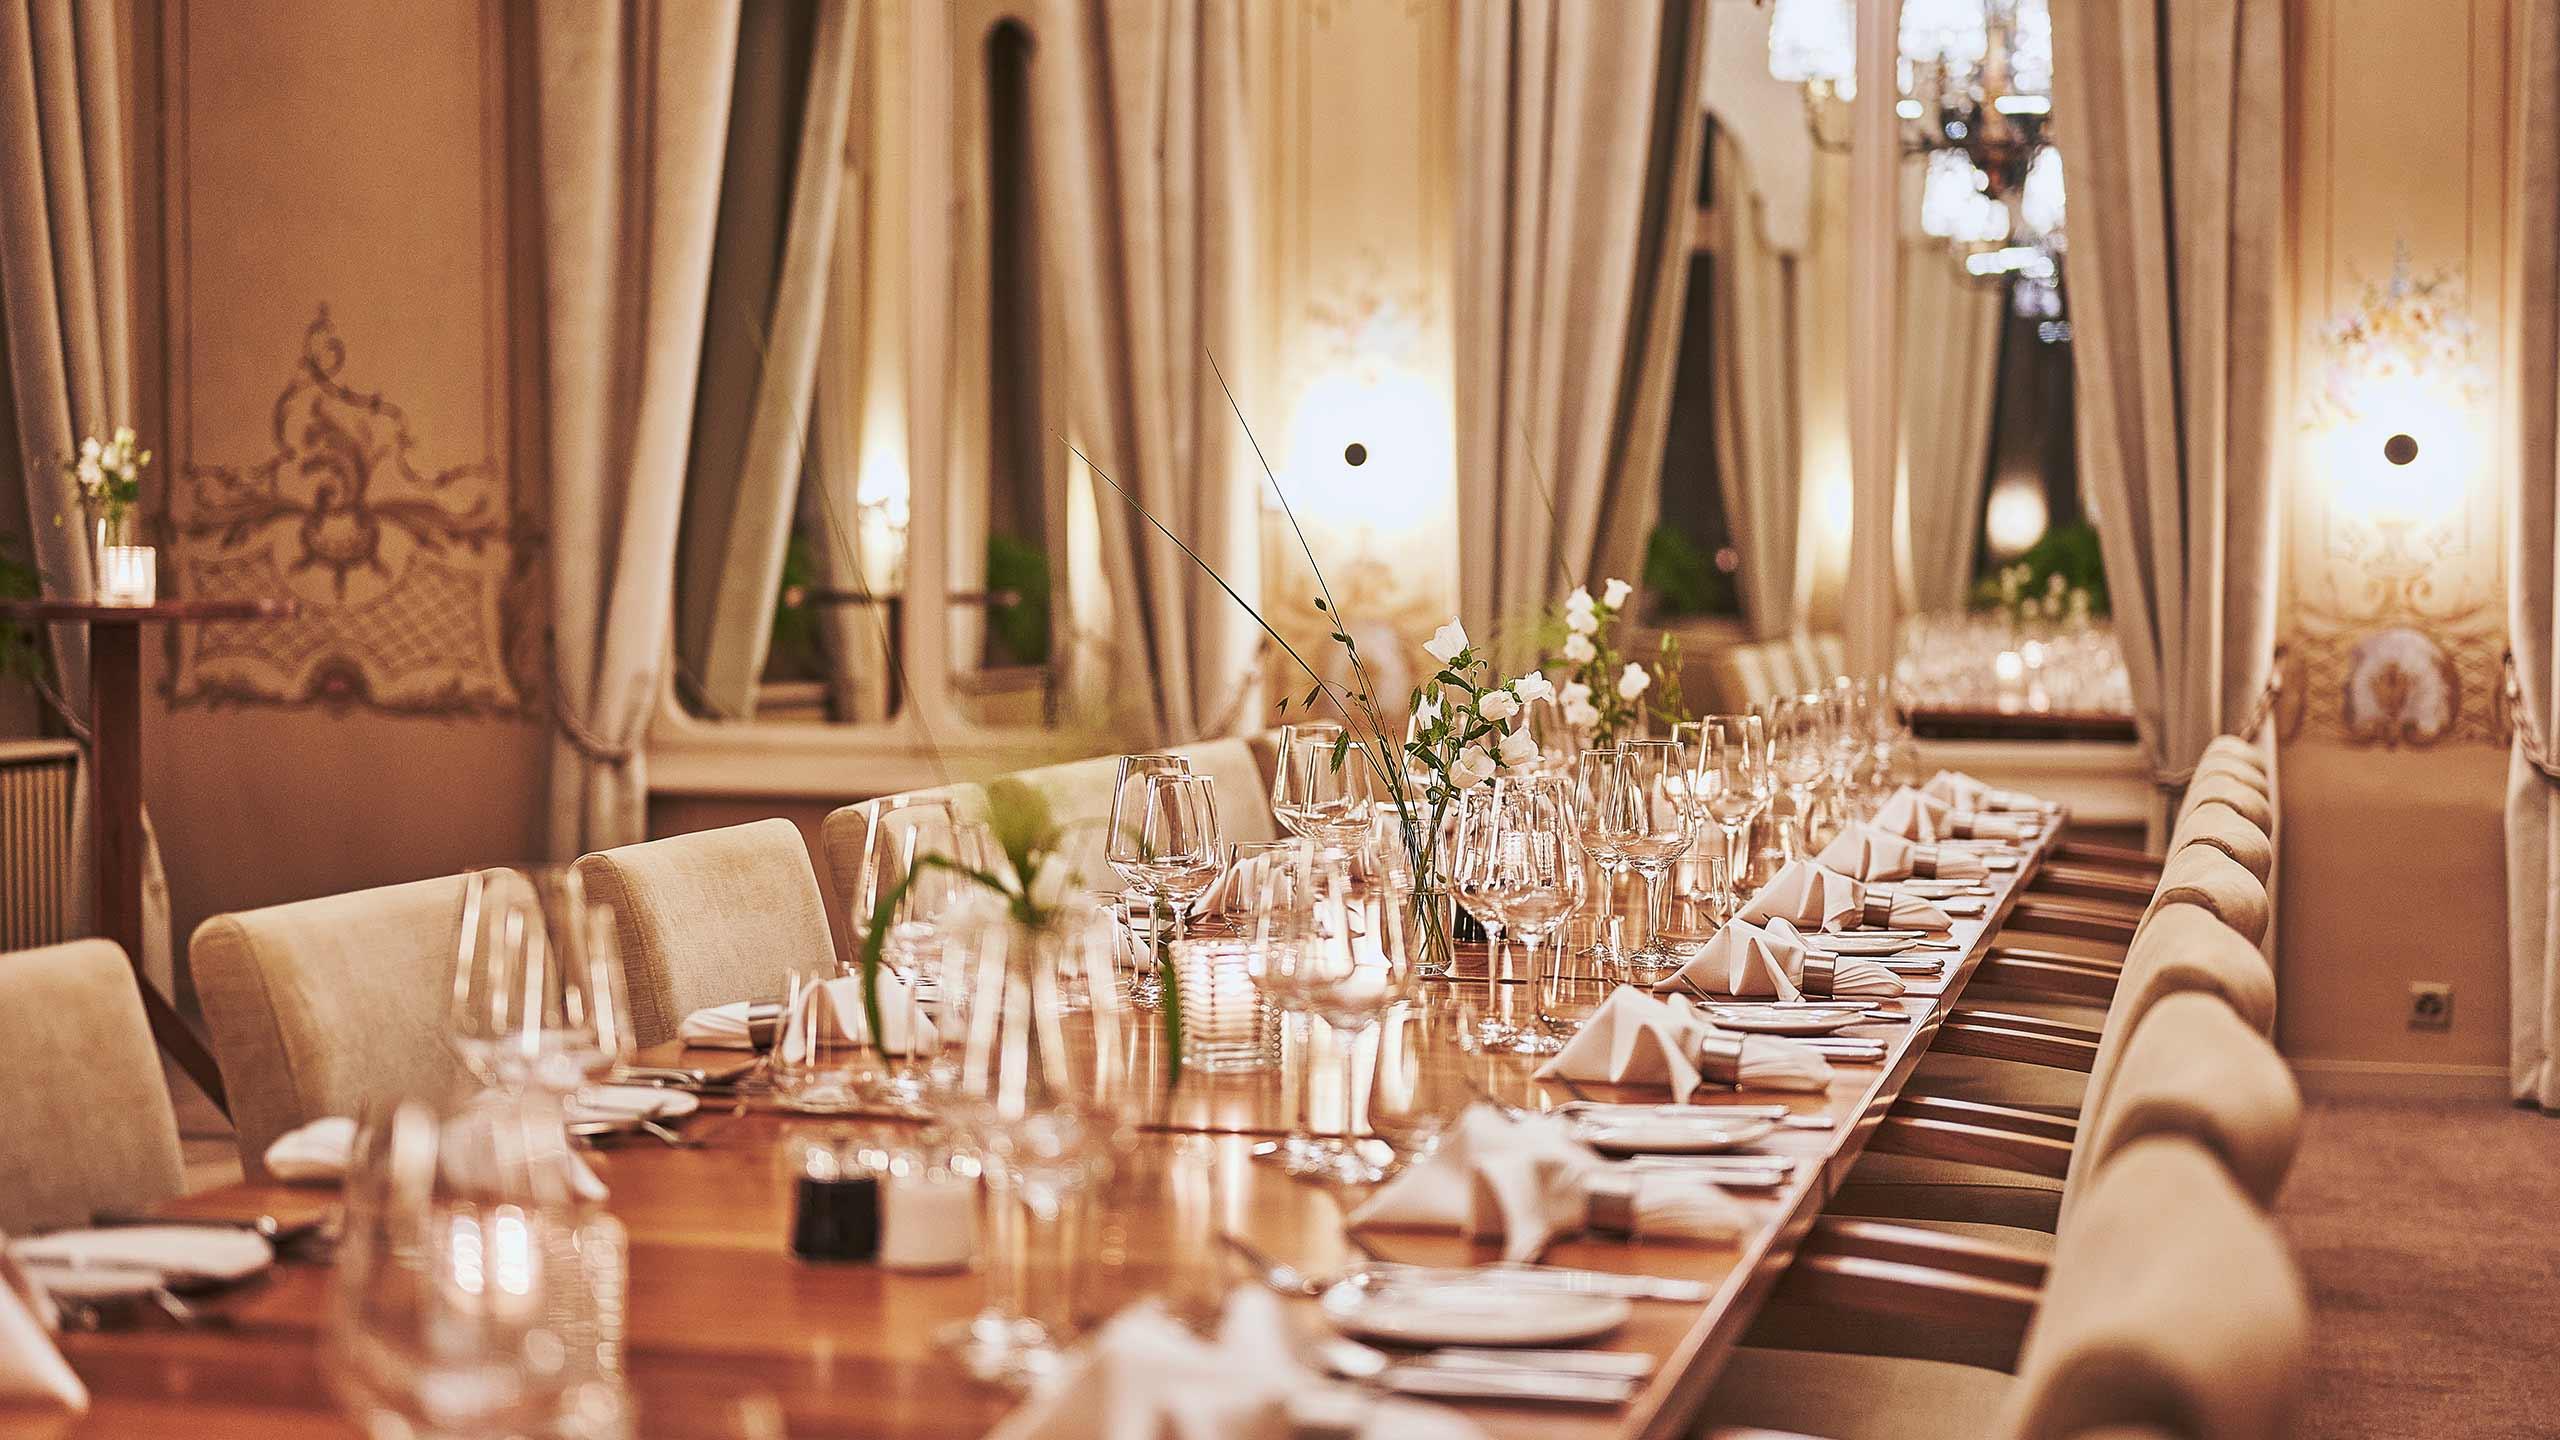 restaurant-taverne-hotel-interlaken-rococo-saal-gedeckte-tische.jpg